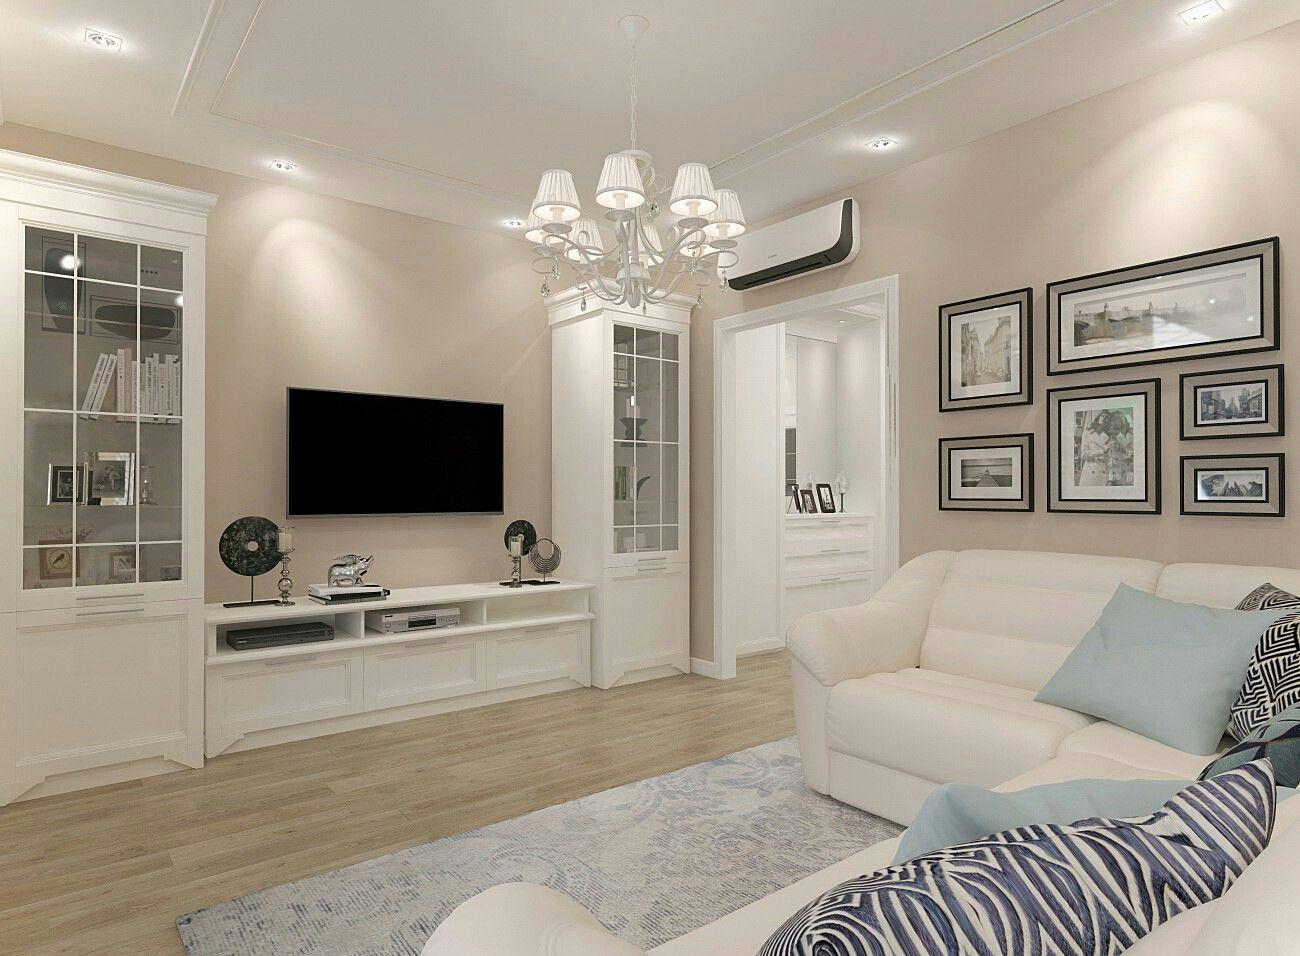 Innenarchitektur wohnzimmer grundrisse pin von aljona auf интерьер  pinterest  wohnzimmer haus und esszimmer